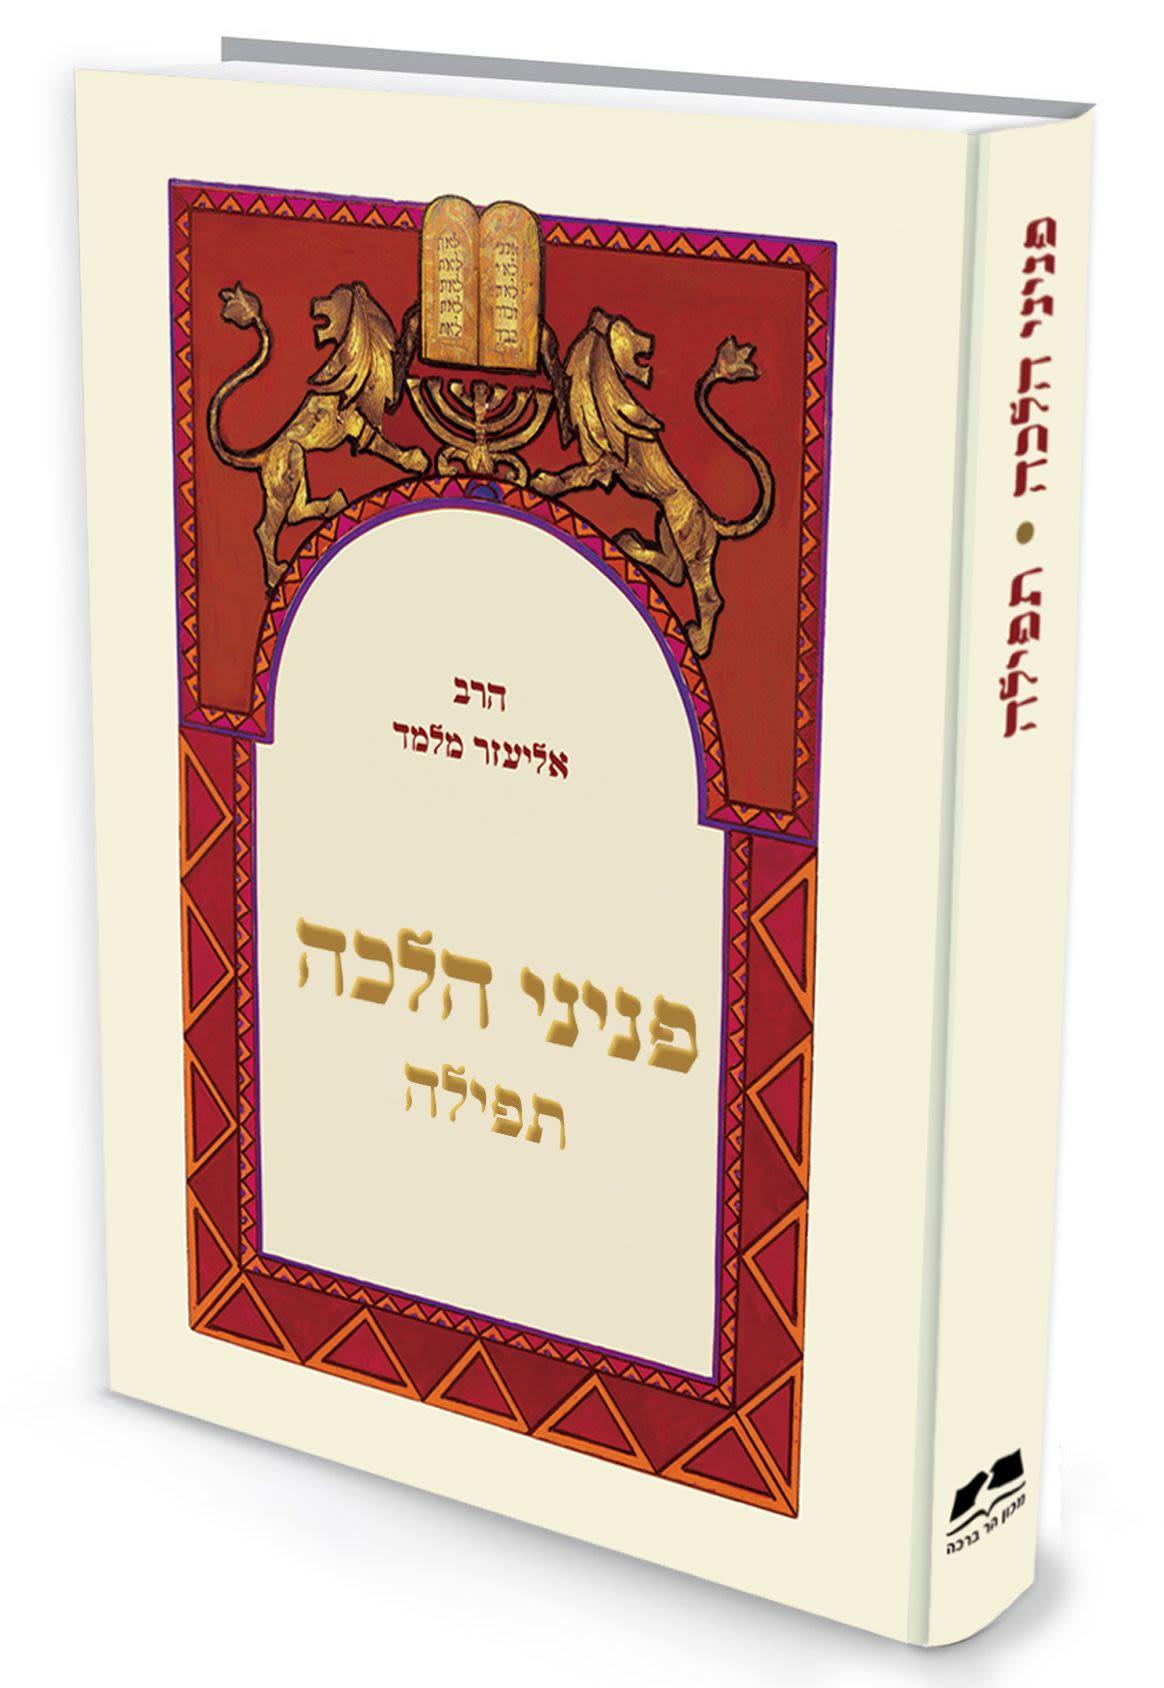 פניני הלכה - תפילה - הרב אליעזר מלמד